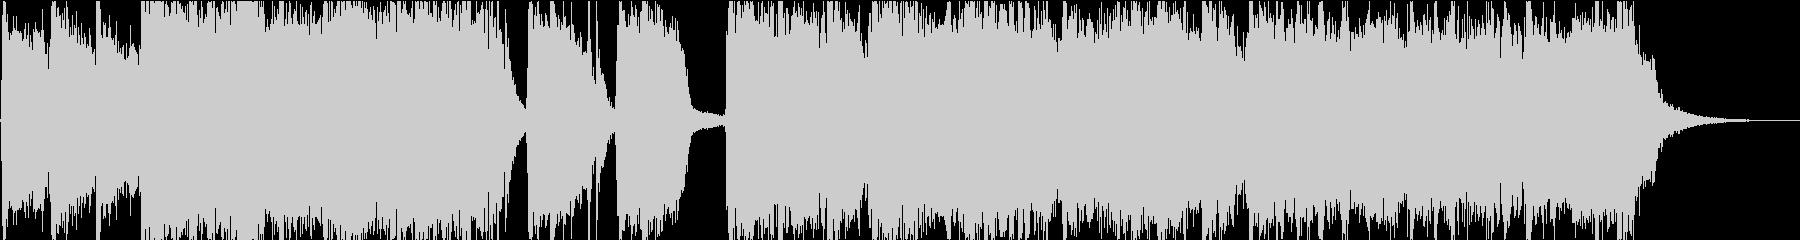 47.マジックロック:81 BPM...の未再生の波形